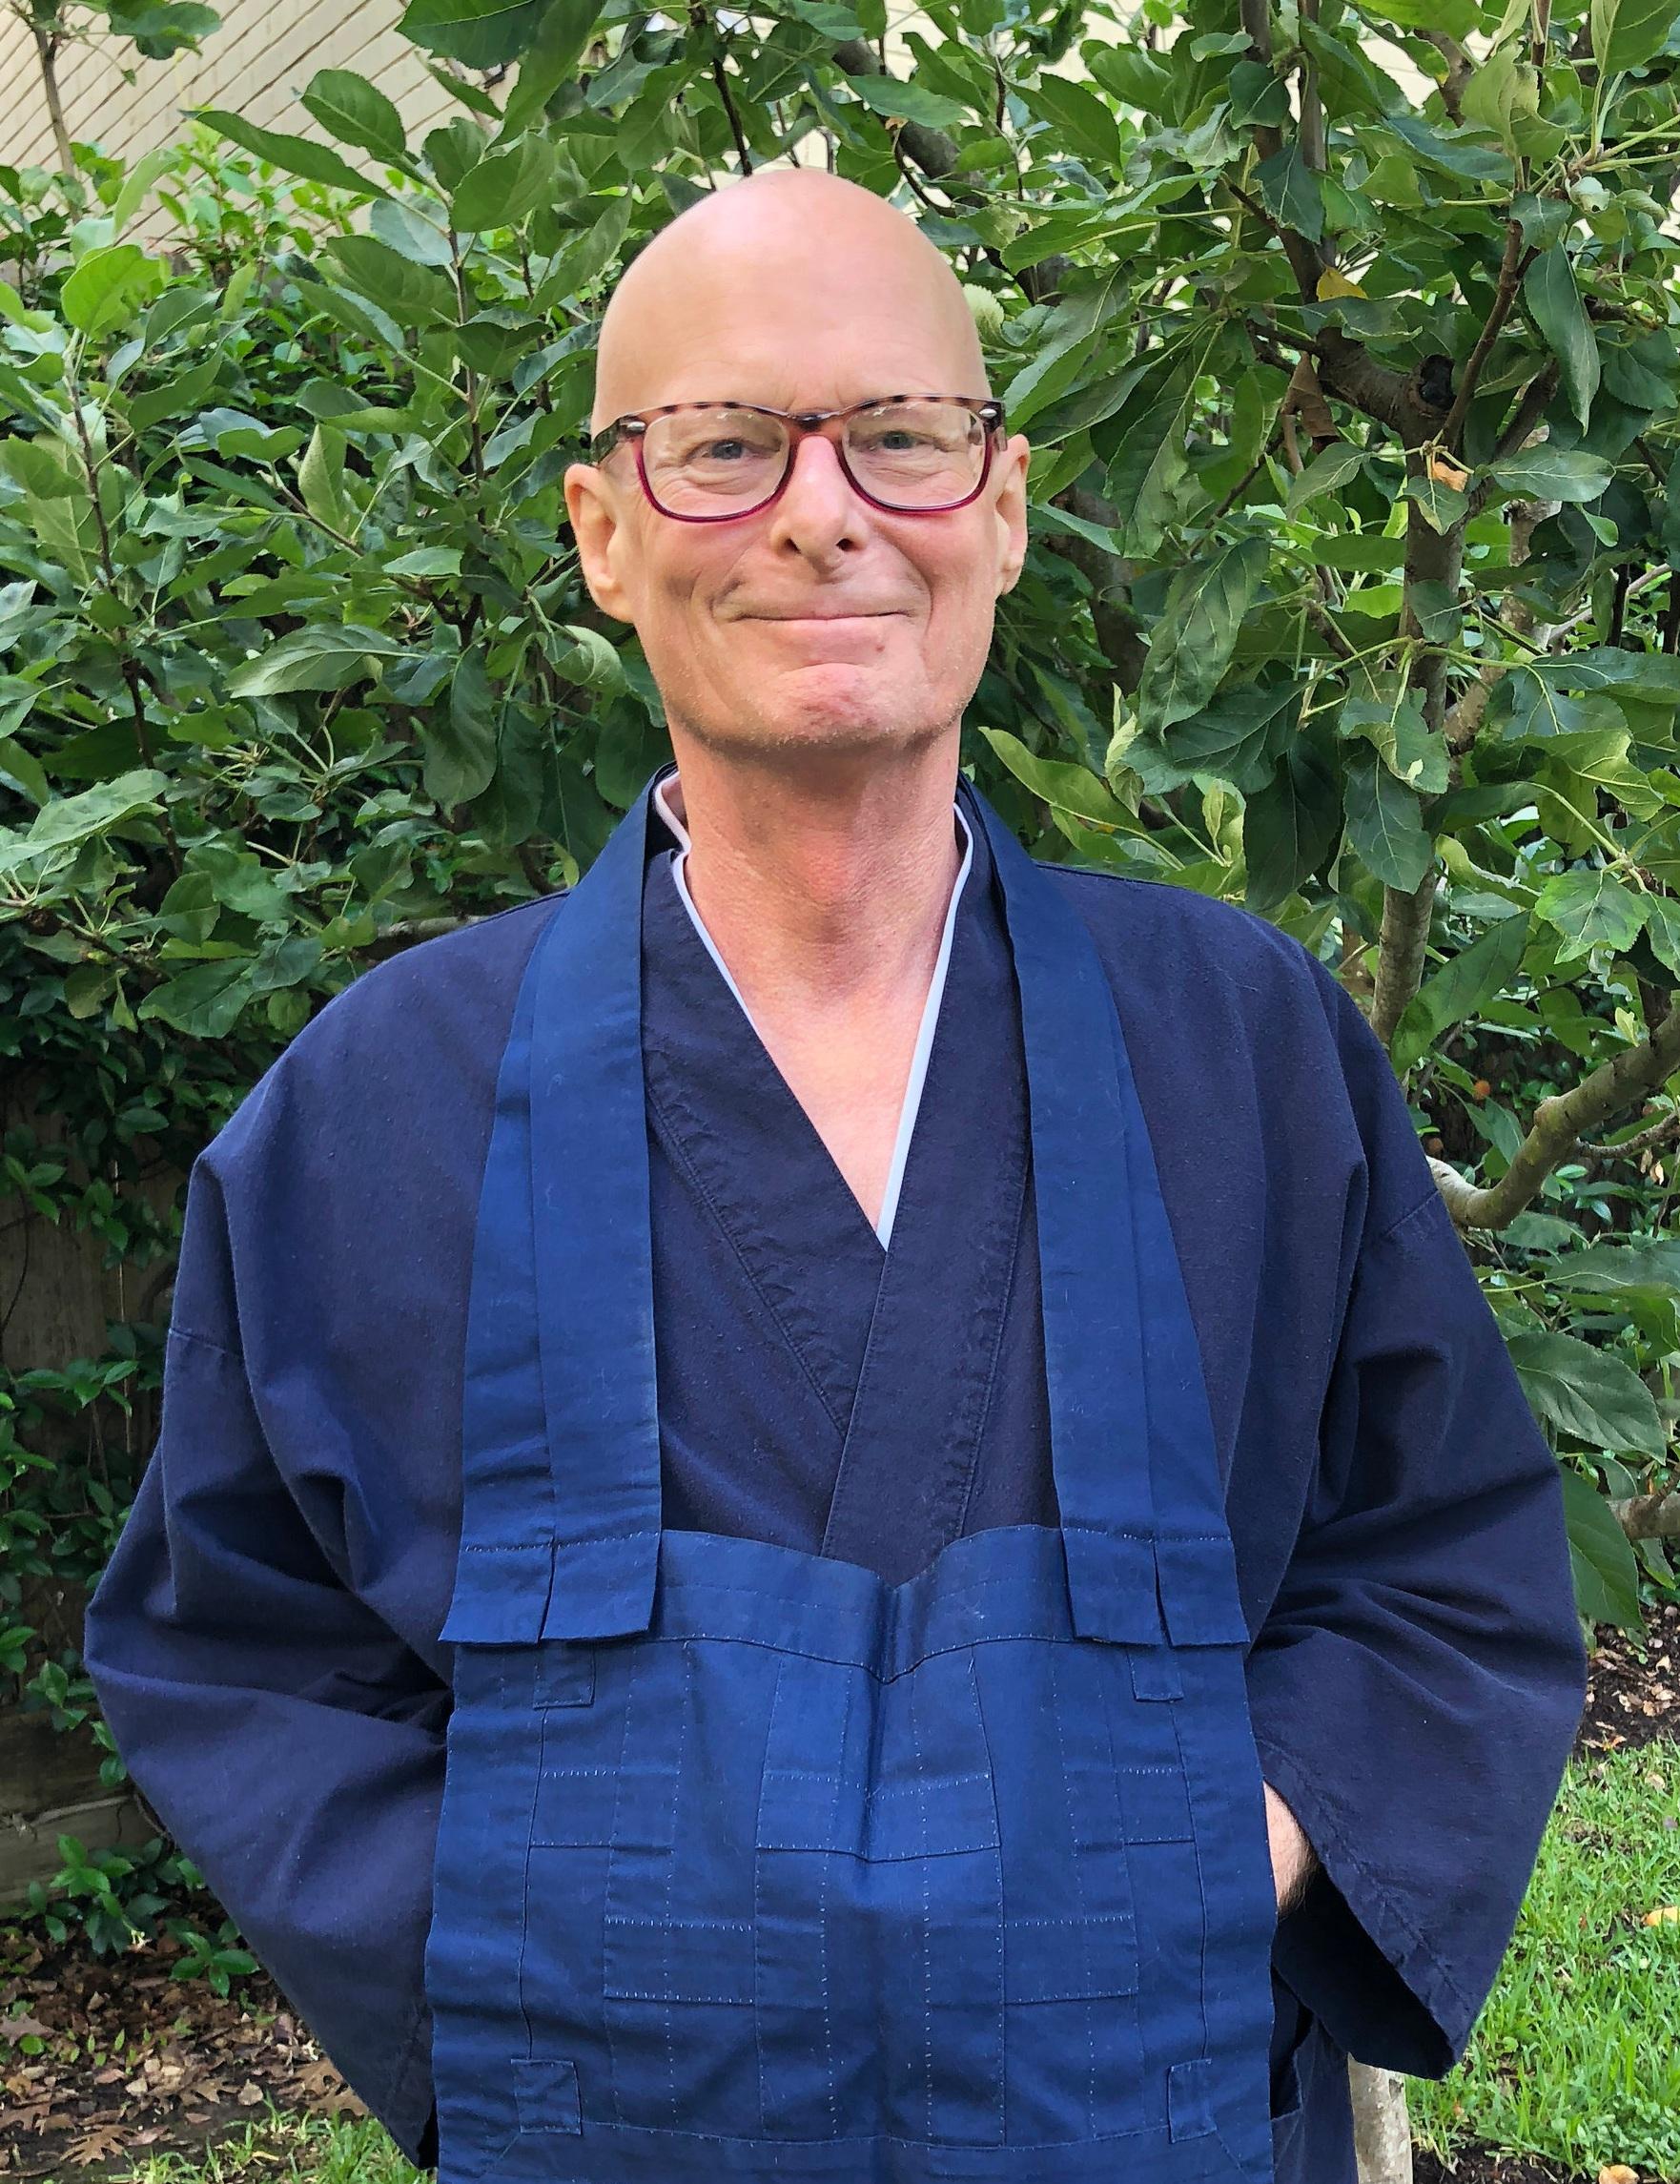 Terry H. Andrews, Shōhō Kōji